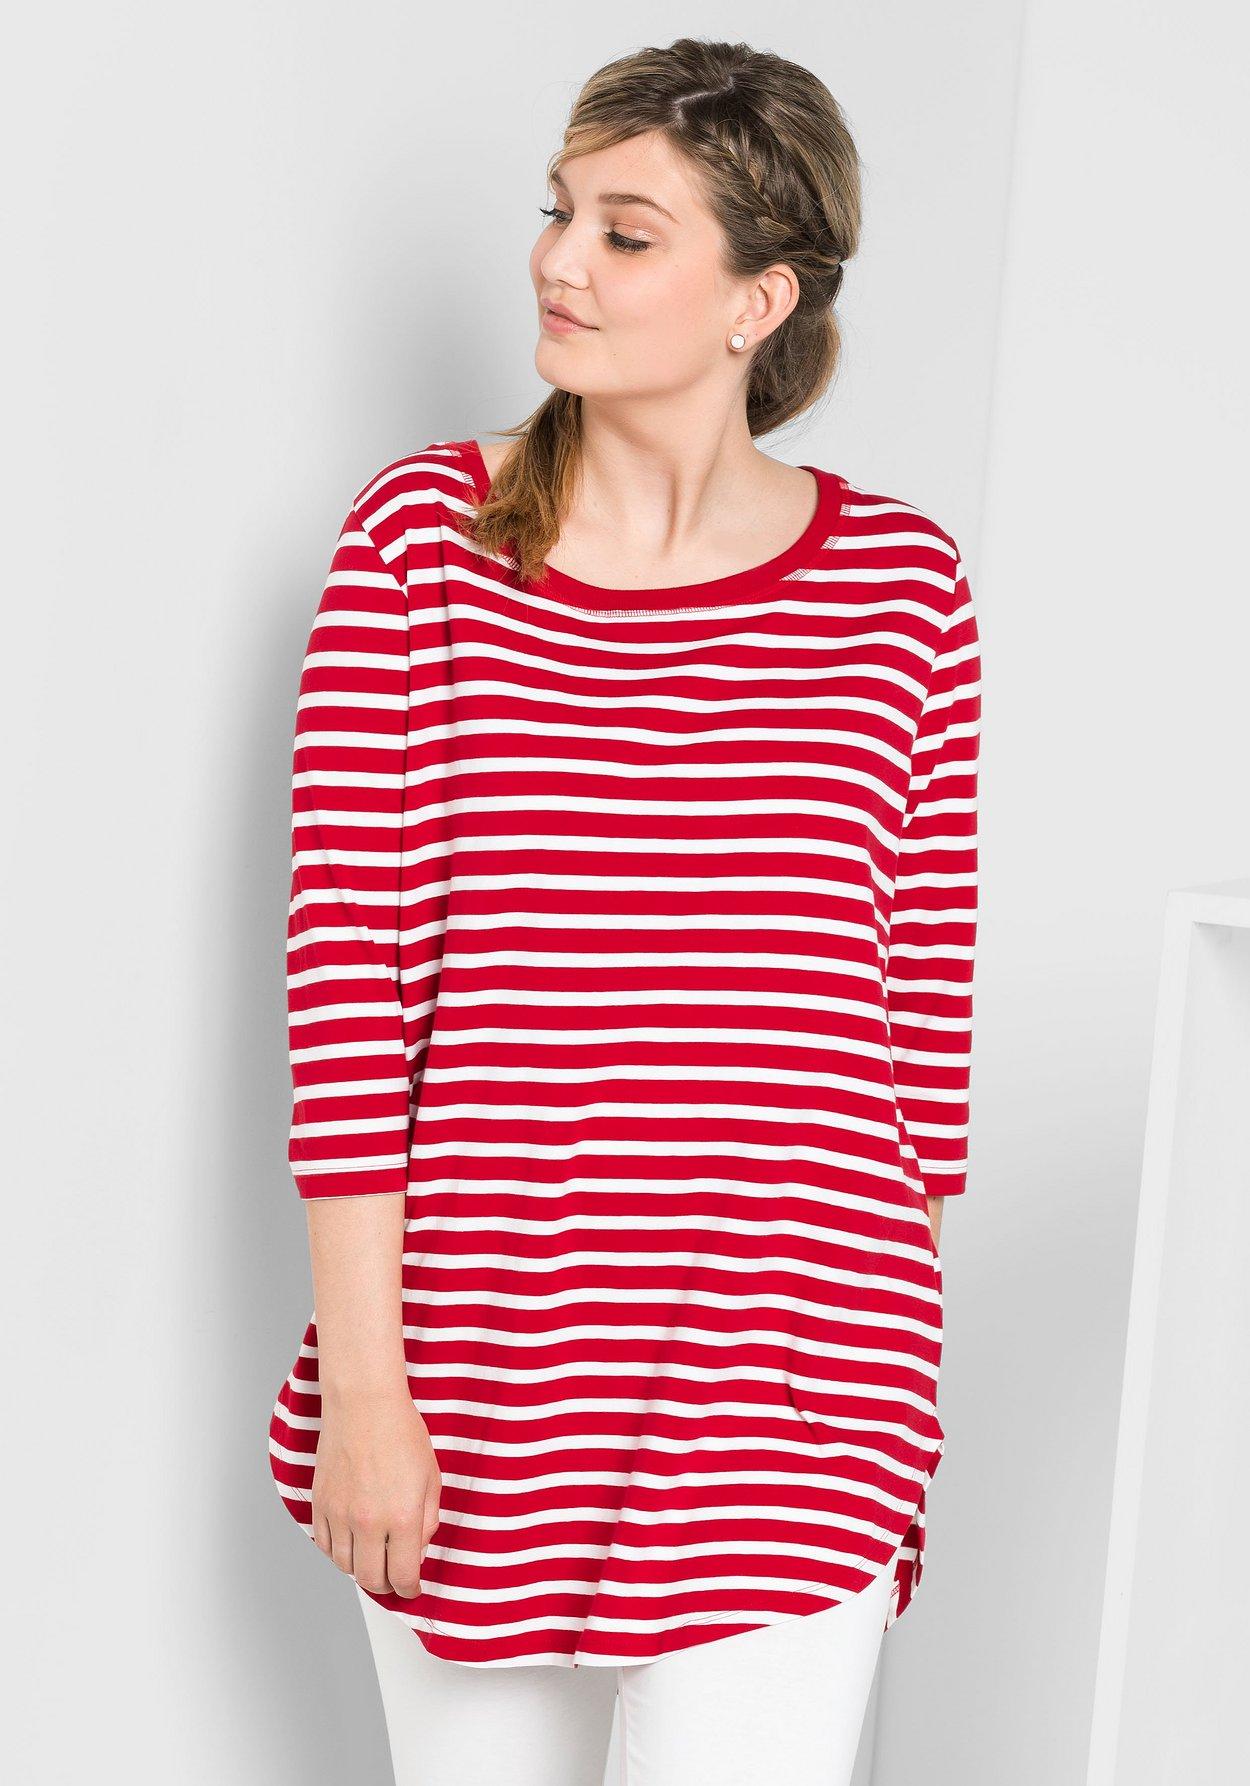 feine handwerkskunst klassische Stile neue auswahl Longshirt in Oversize-Form mit Streifen - rot-weiß | sheego